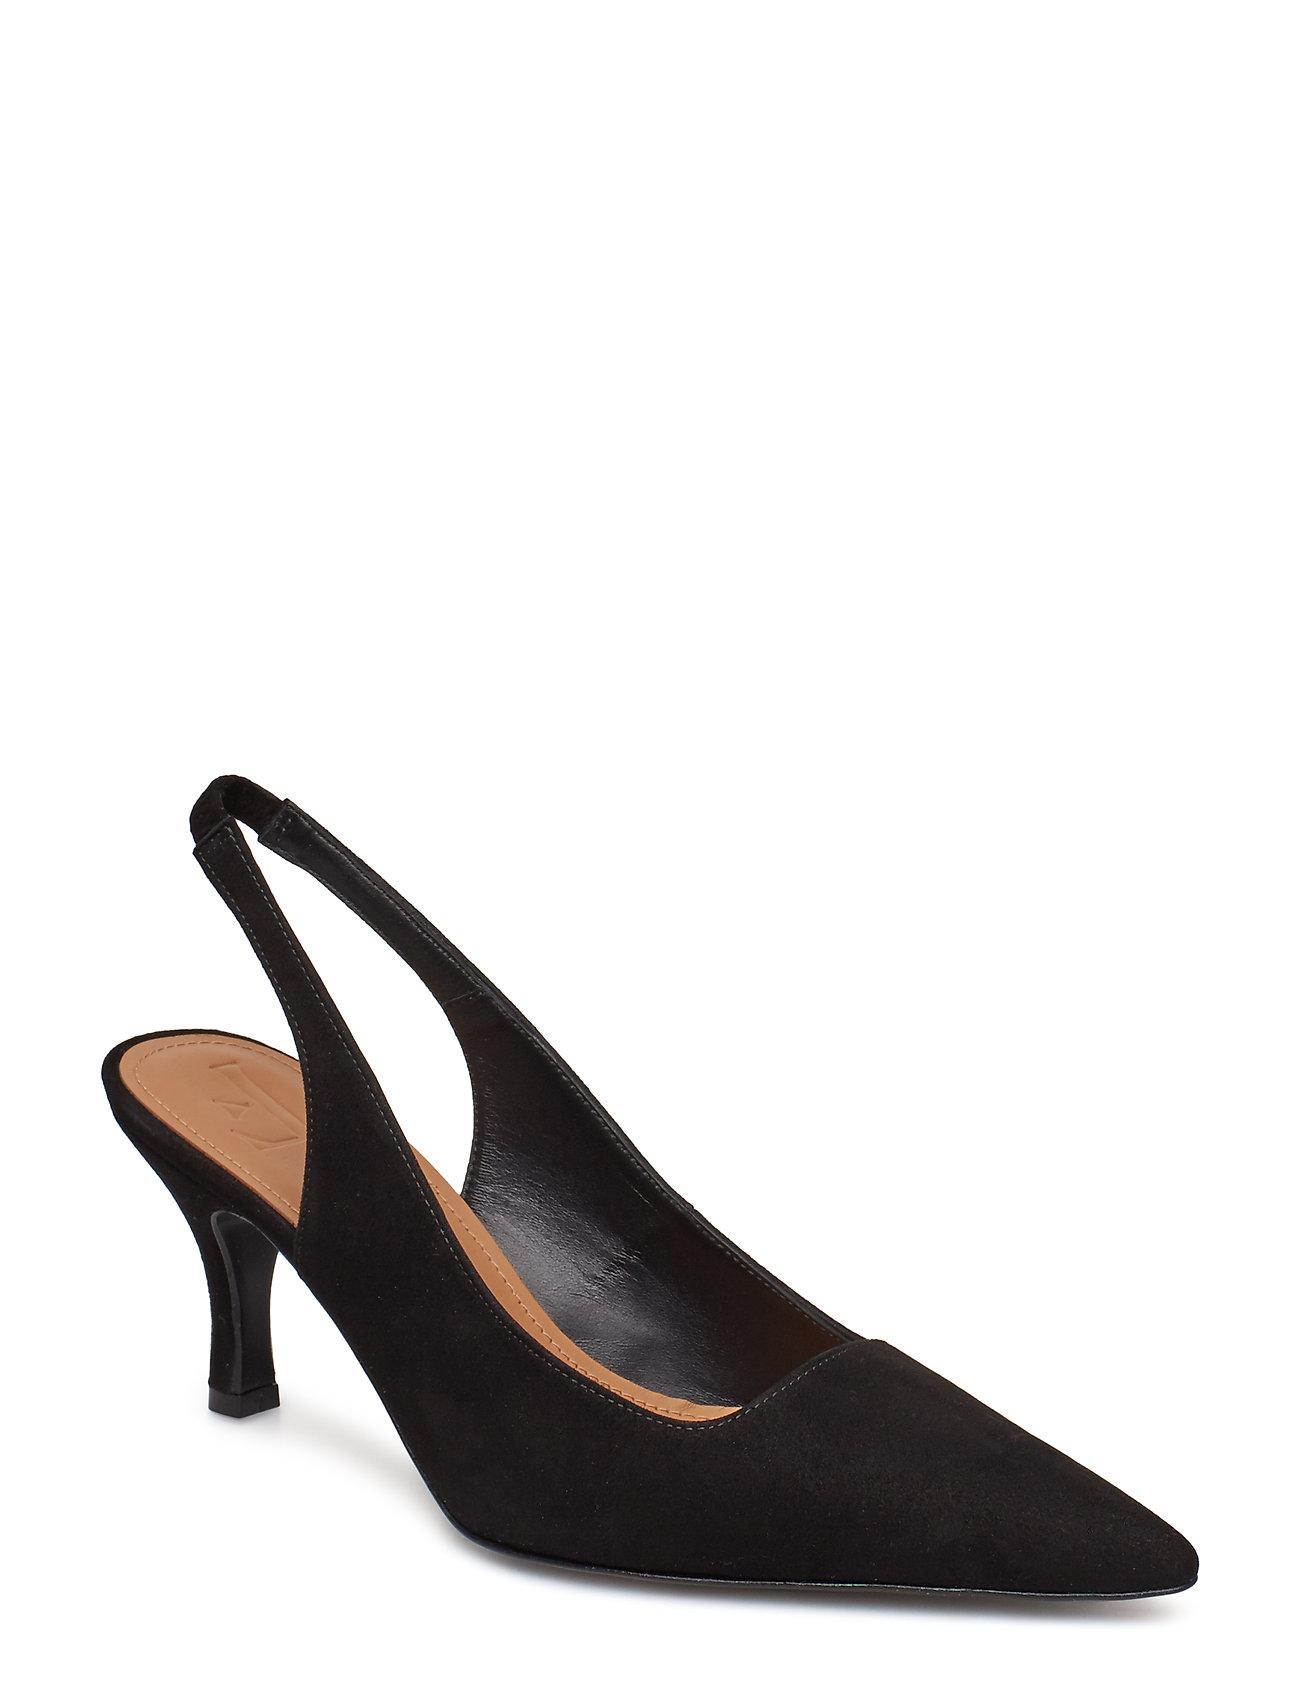 Flattered Franchesca Black Suede - BLACK